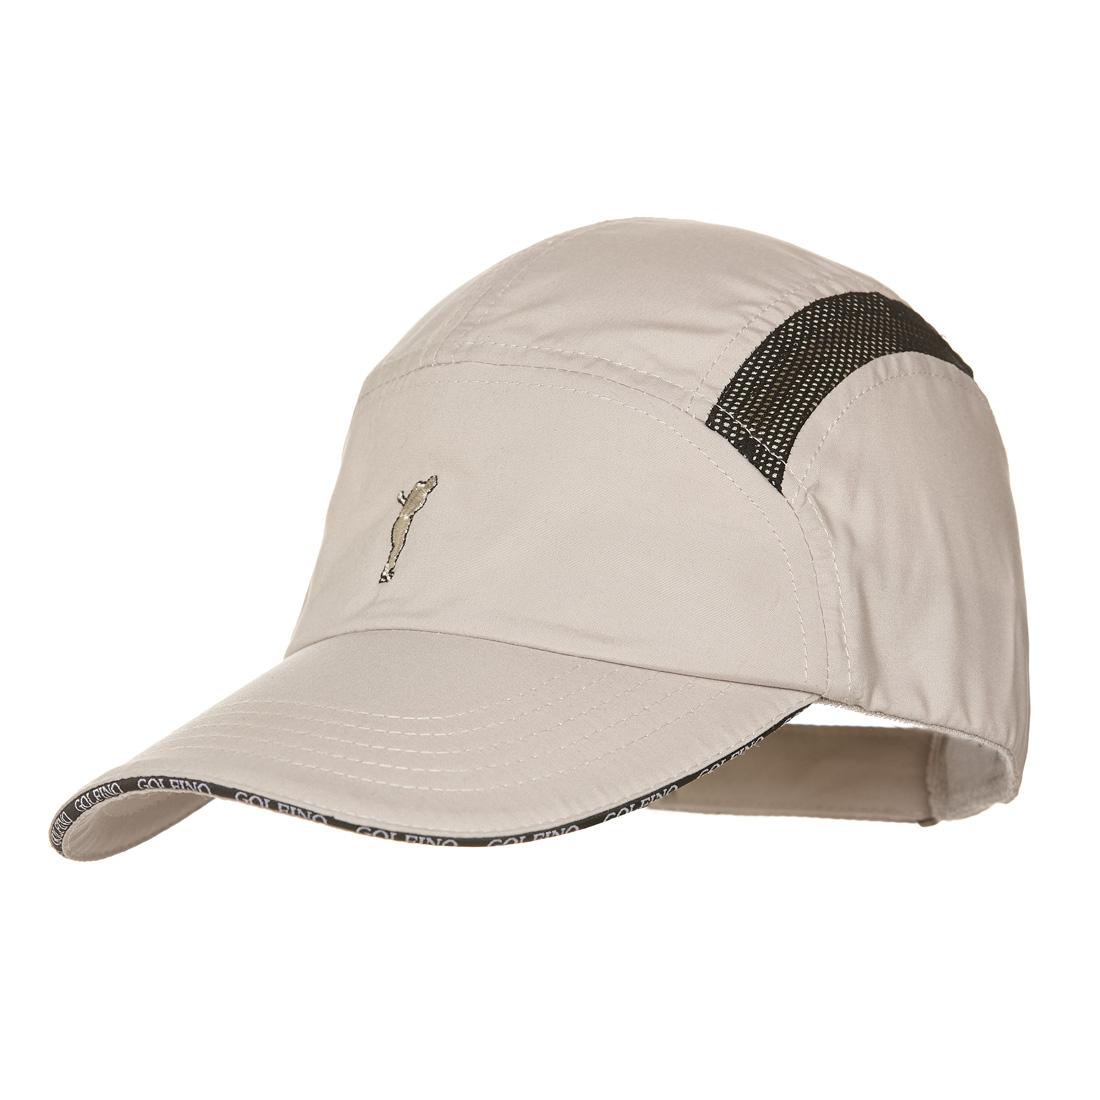 Herren Golfcap aus Mikrofaser mit seitlichen Mesheinsätzen